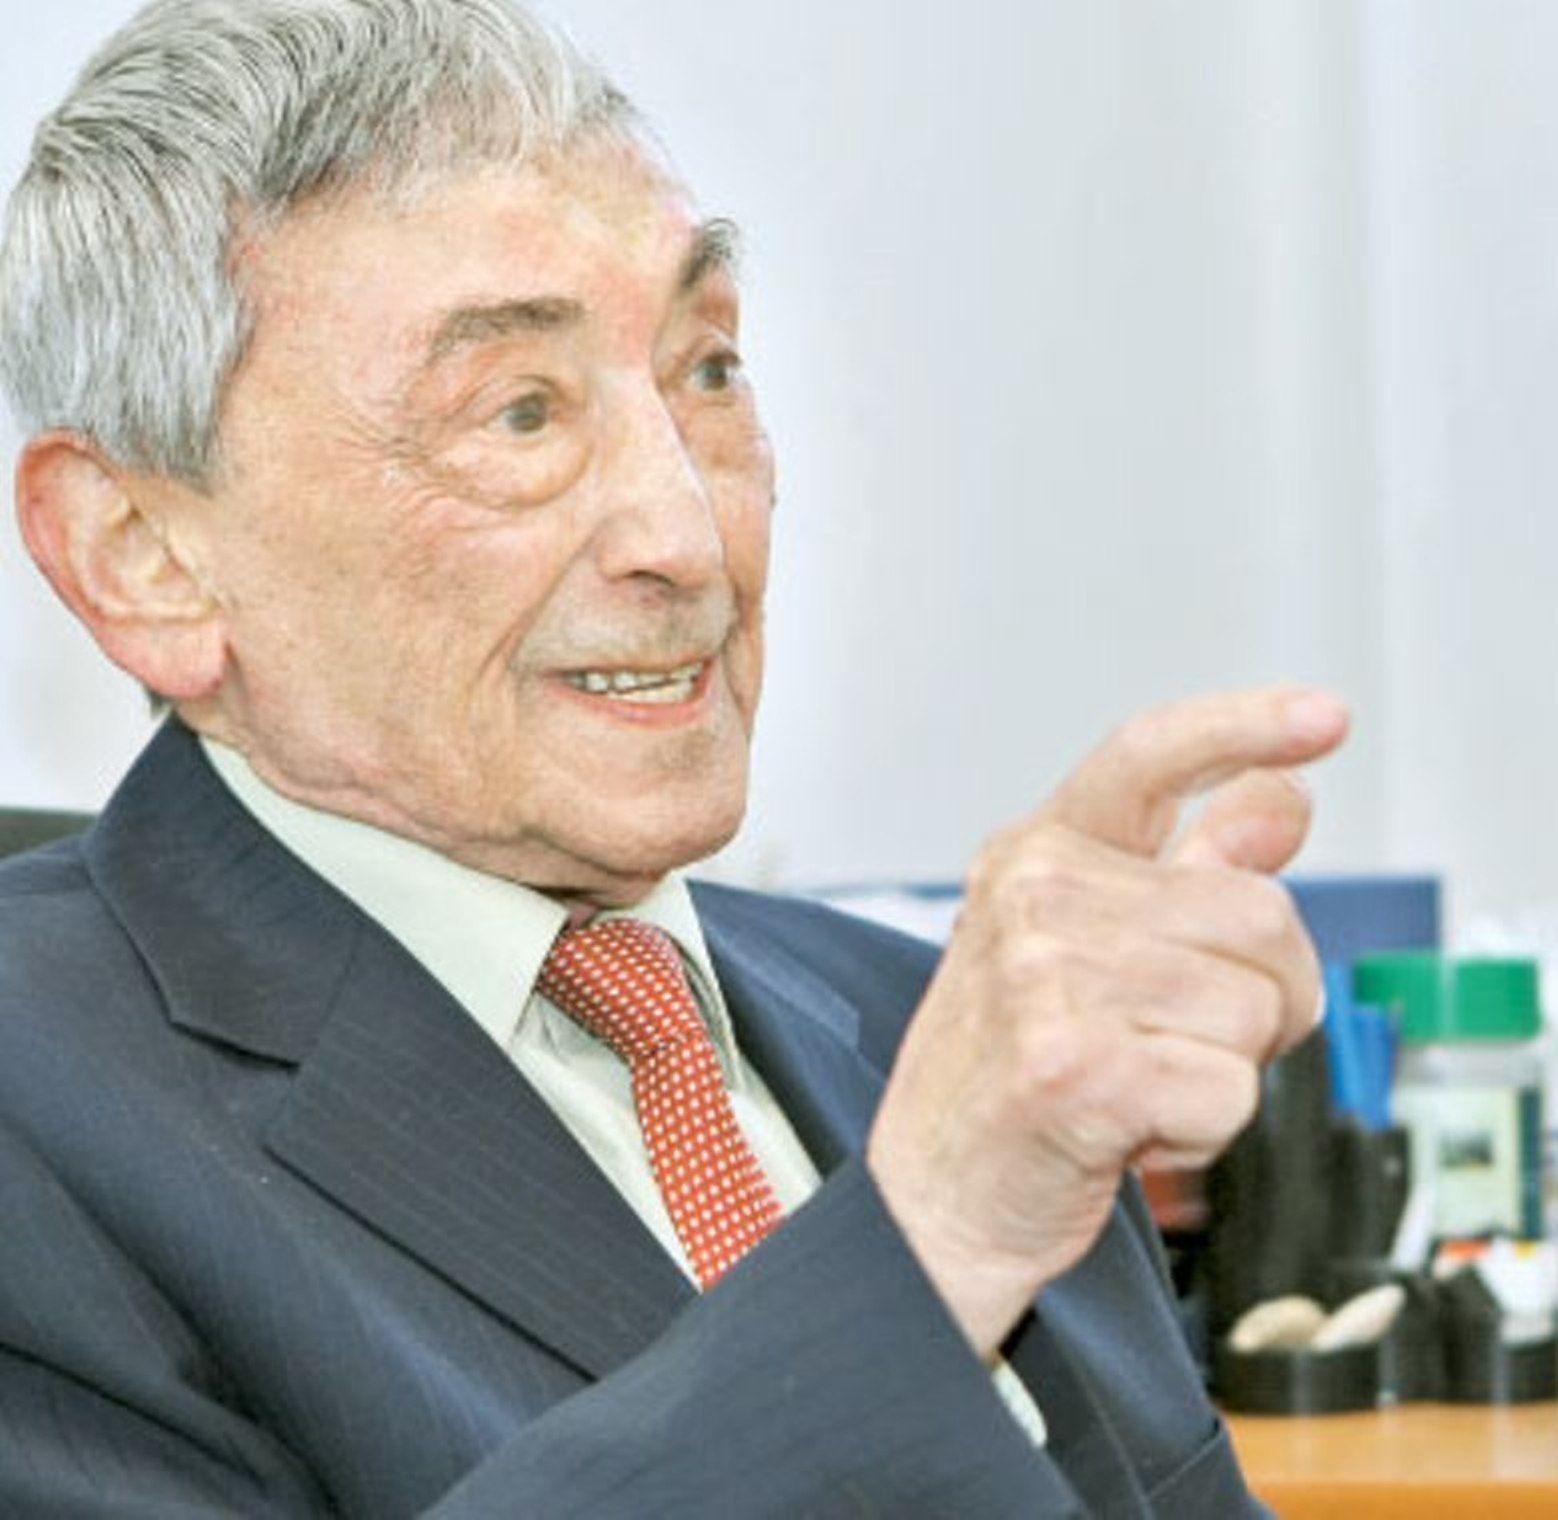 """Ovidiu Bojor, inventatorul fitoterapiei moderne în România: """"Mare greşeală este că unii sunt carnivori, alţii vegetarieni. Avem nevoie de o alimentație omnivoră"""""""